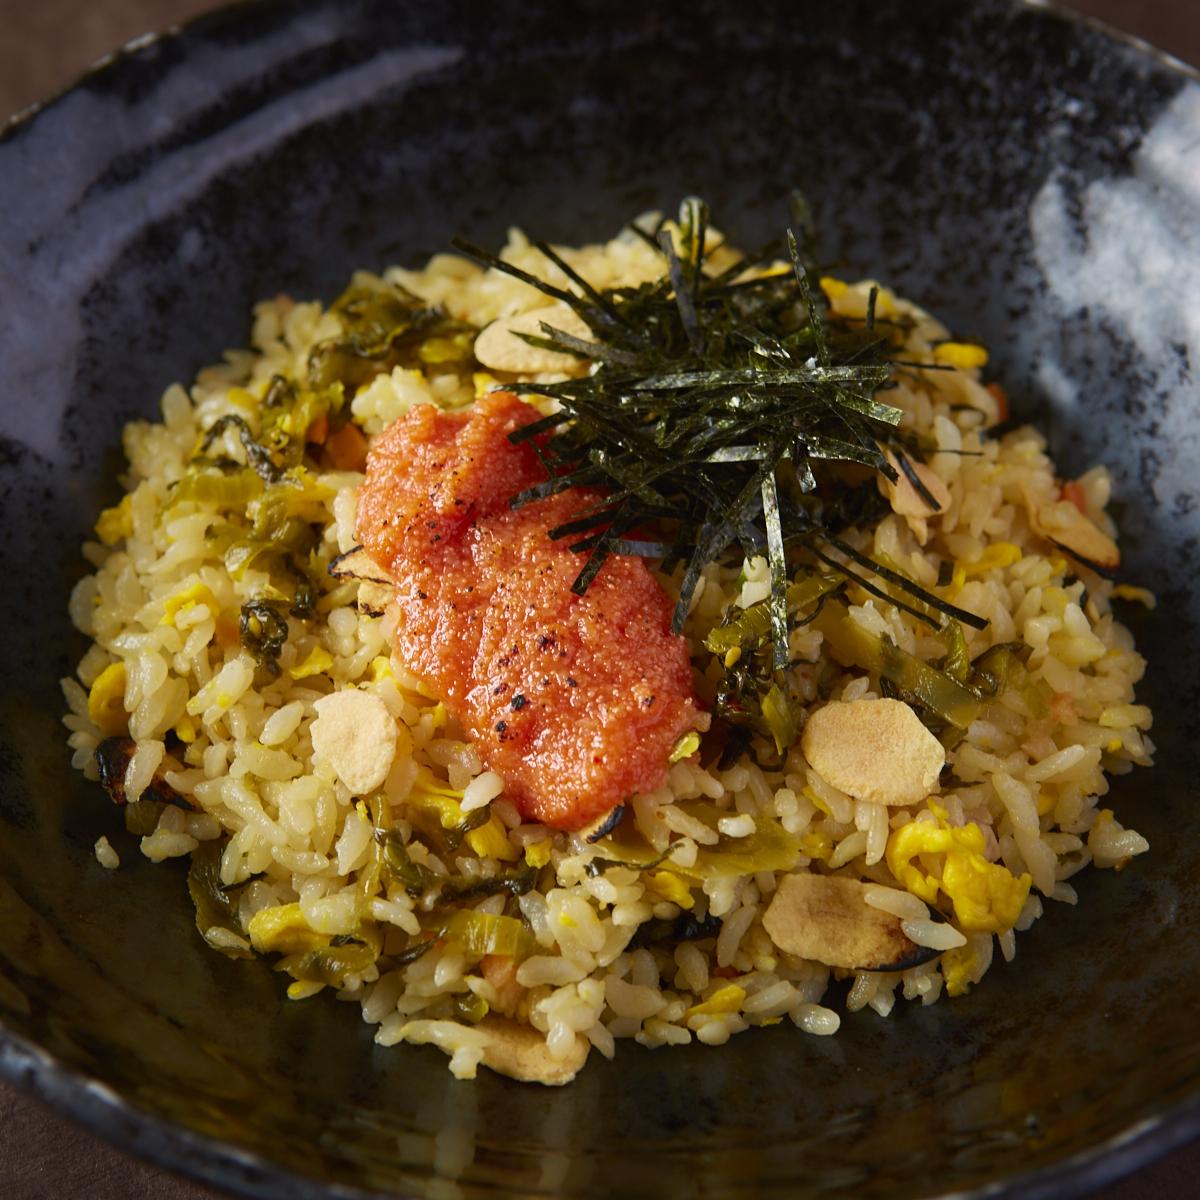 明太子と高菜のガーリック焼き飯